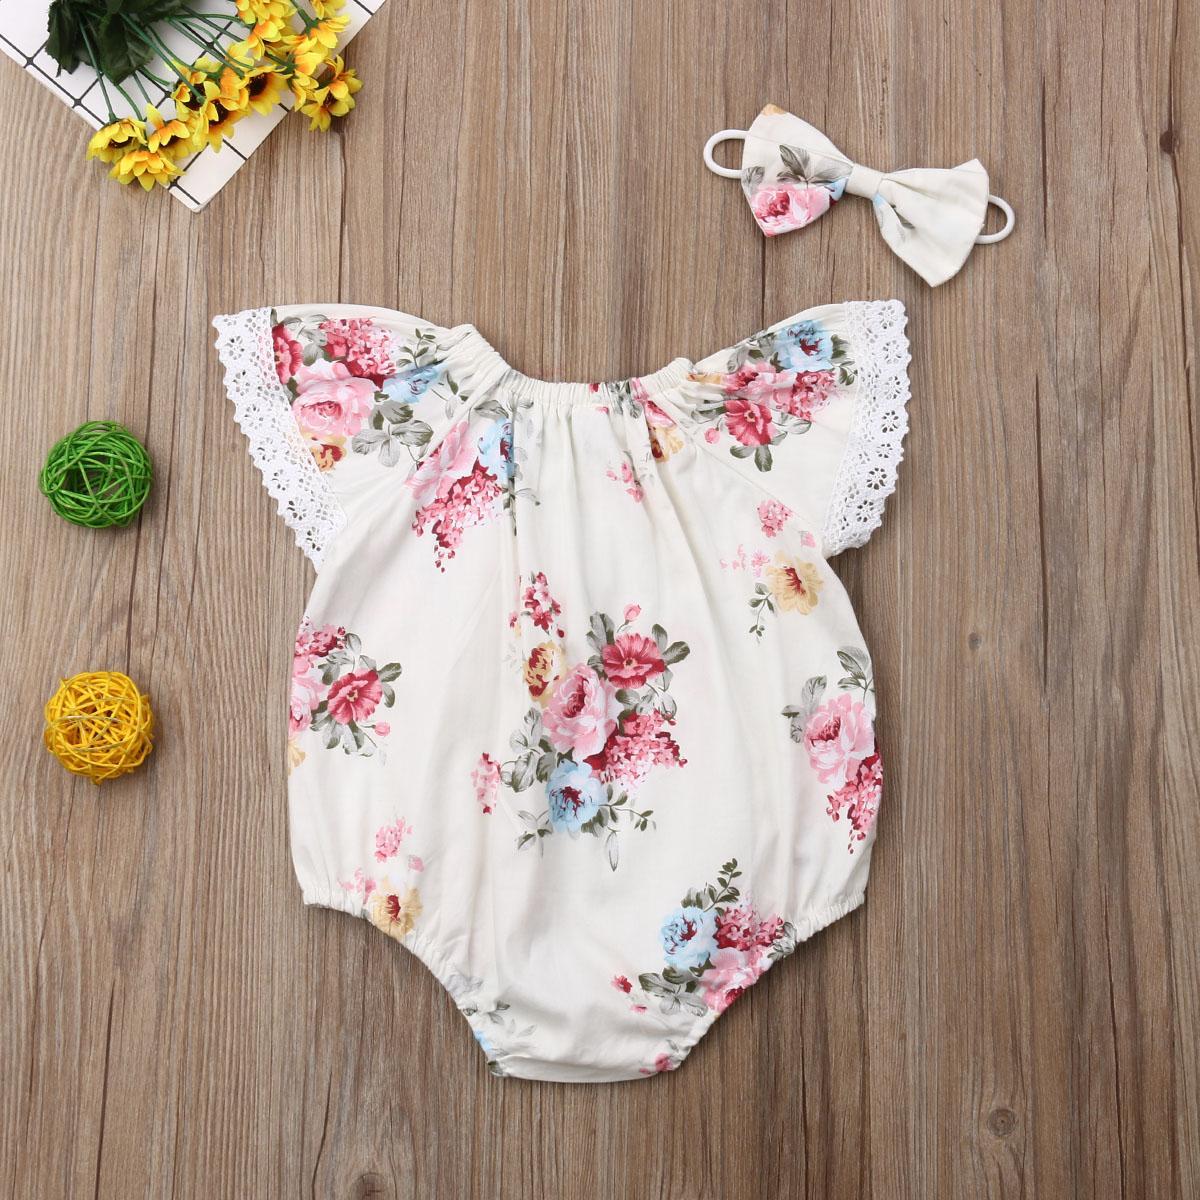 Bebê recém-nascido Meninas Bodysuits Outfits Princesa bonito Macacões florais roupa Headband Define infantil Bebê pequeno Costumes